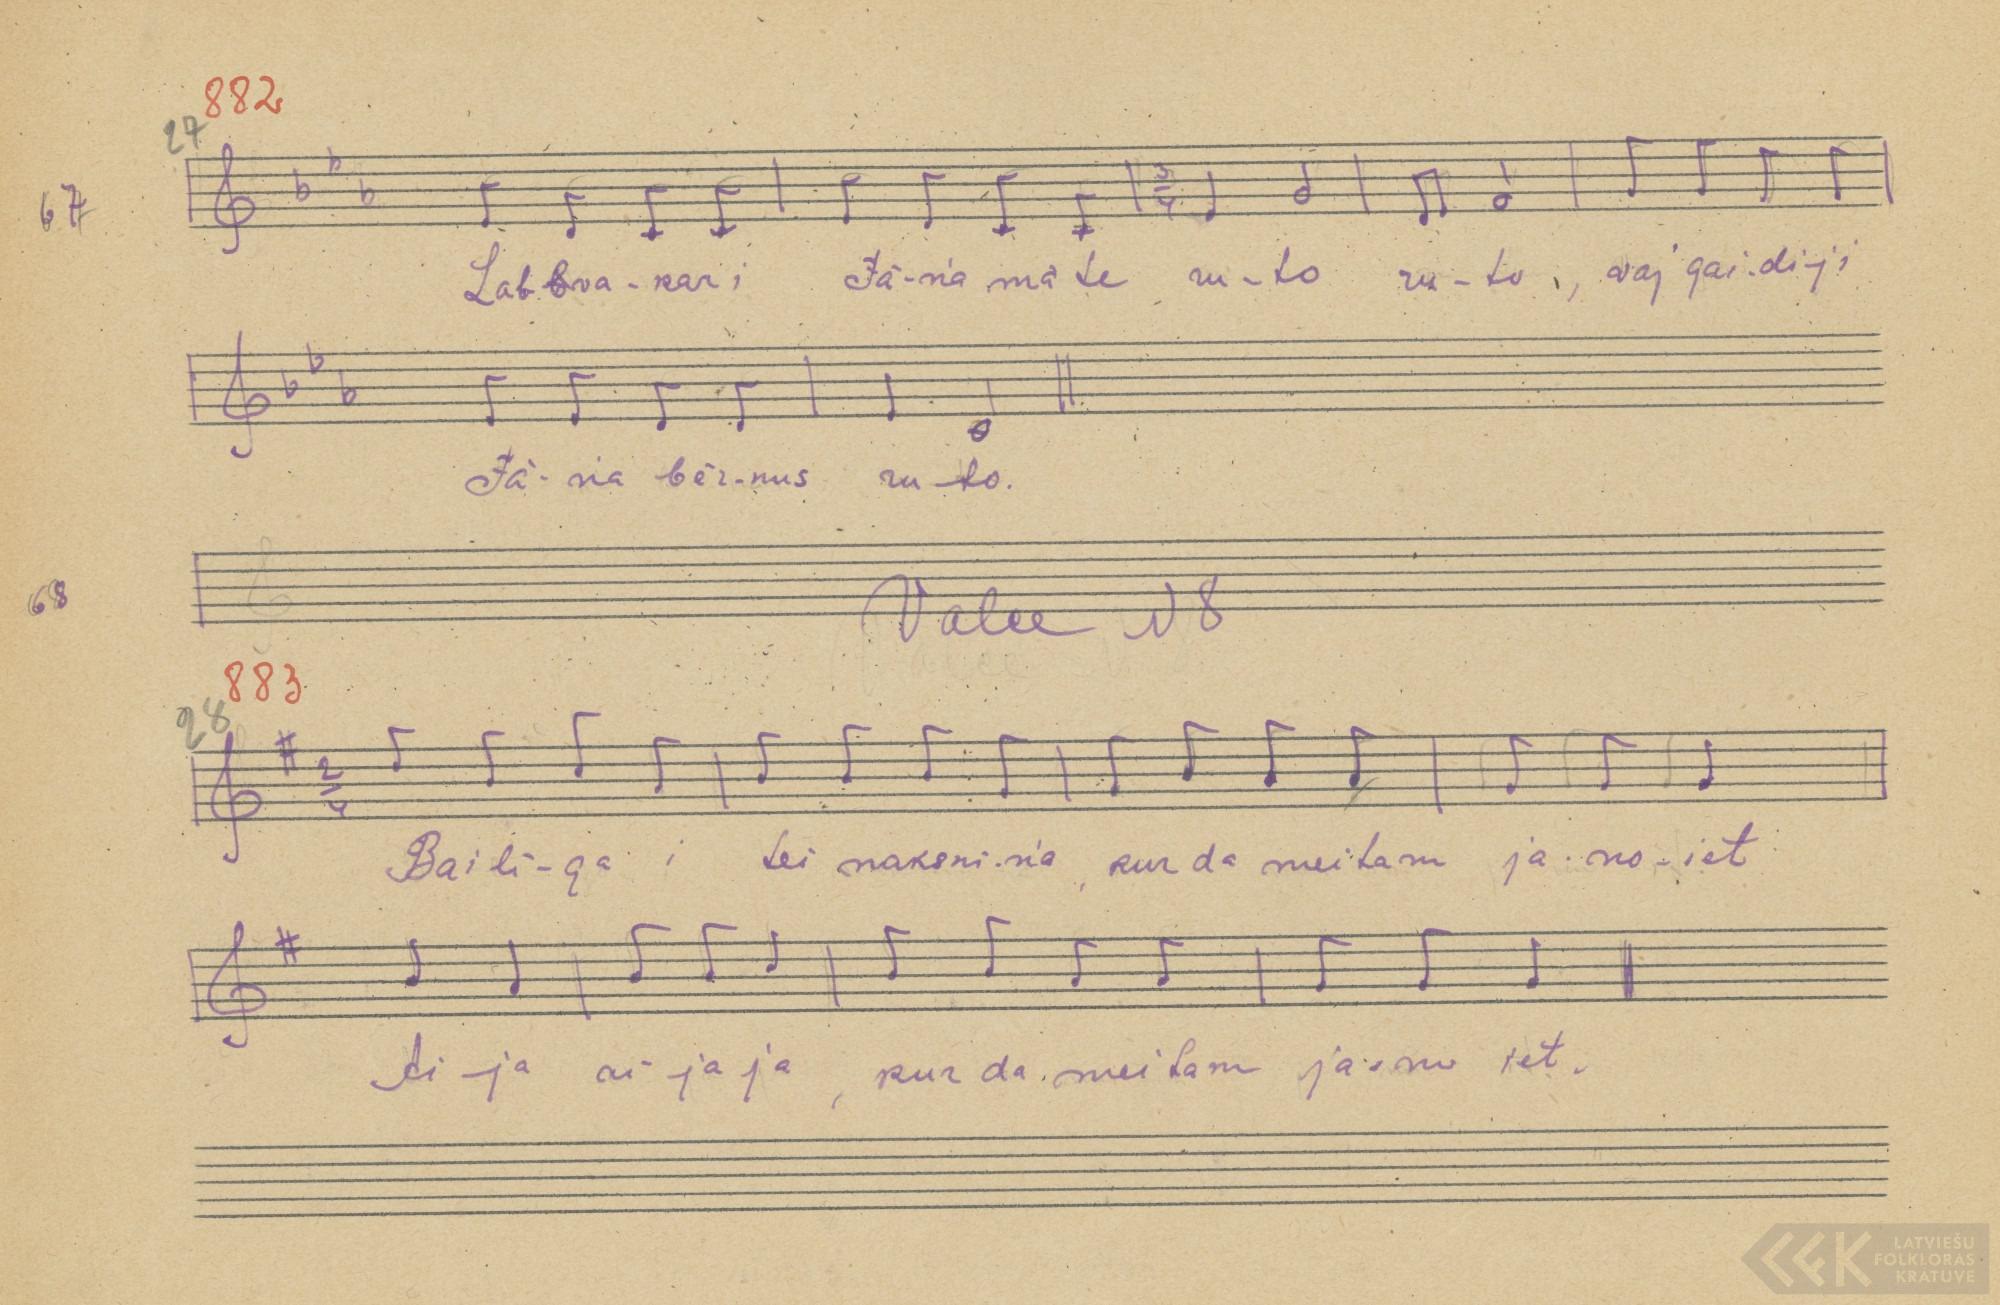 Lobvokori, Juoņa muote (1927)